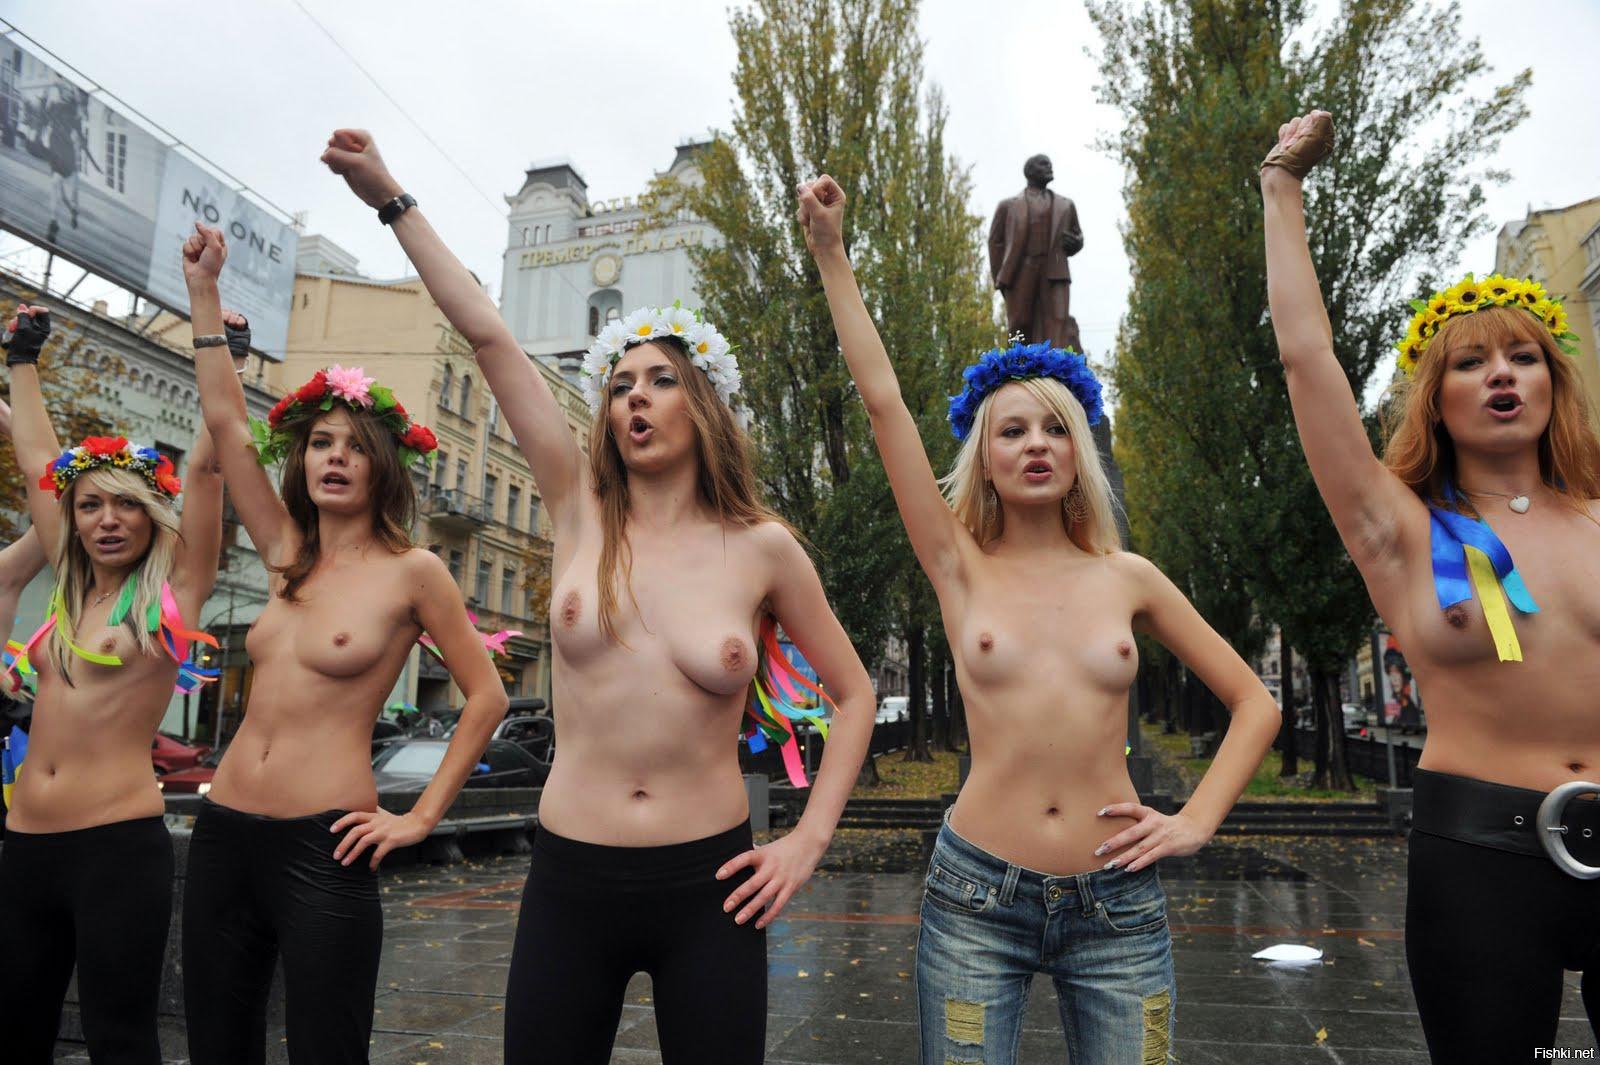 Українське порно українські дівчата, Украинское порно, смотреть секс с Украинками 23 фотография